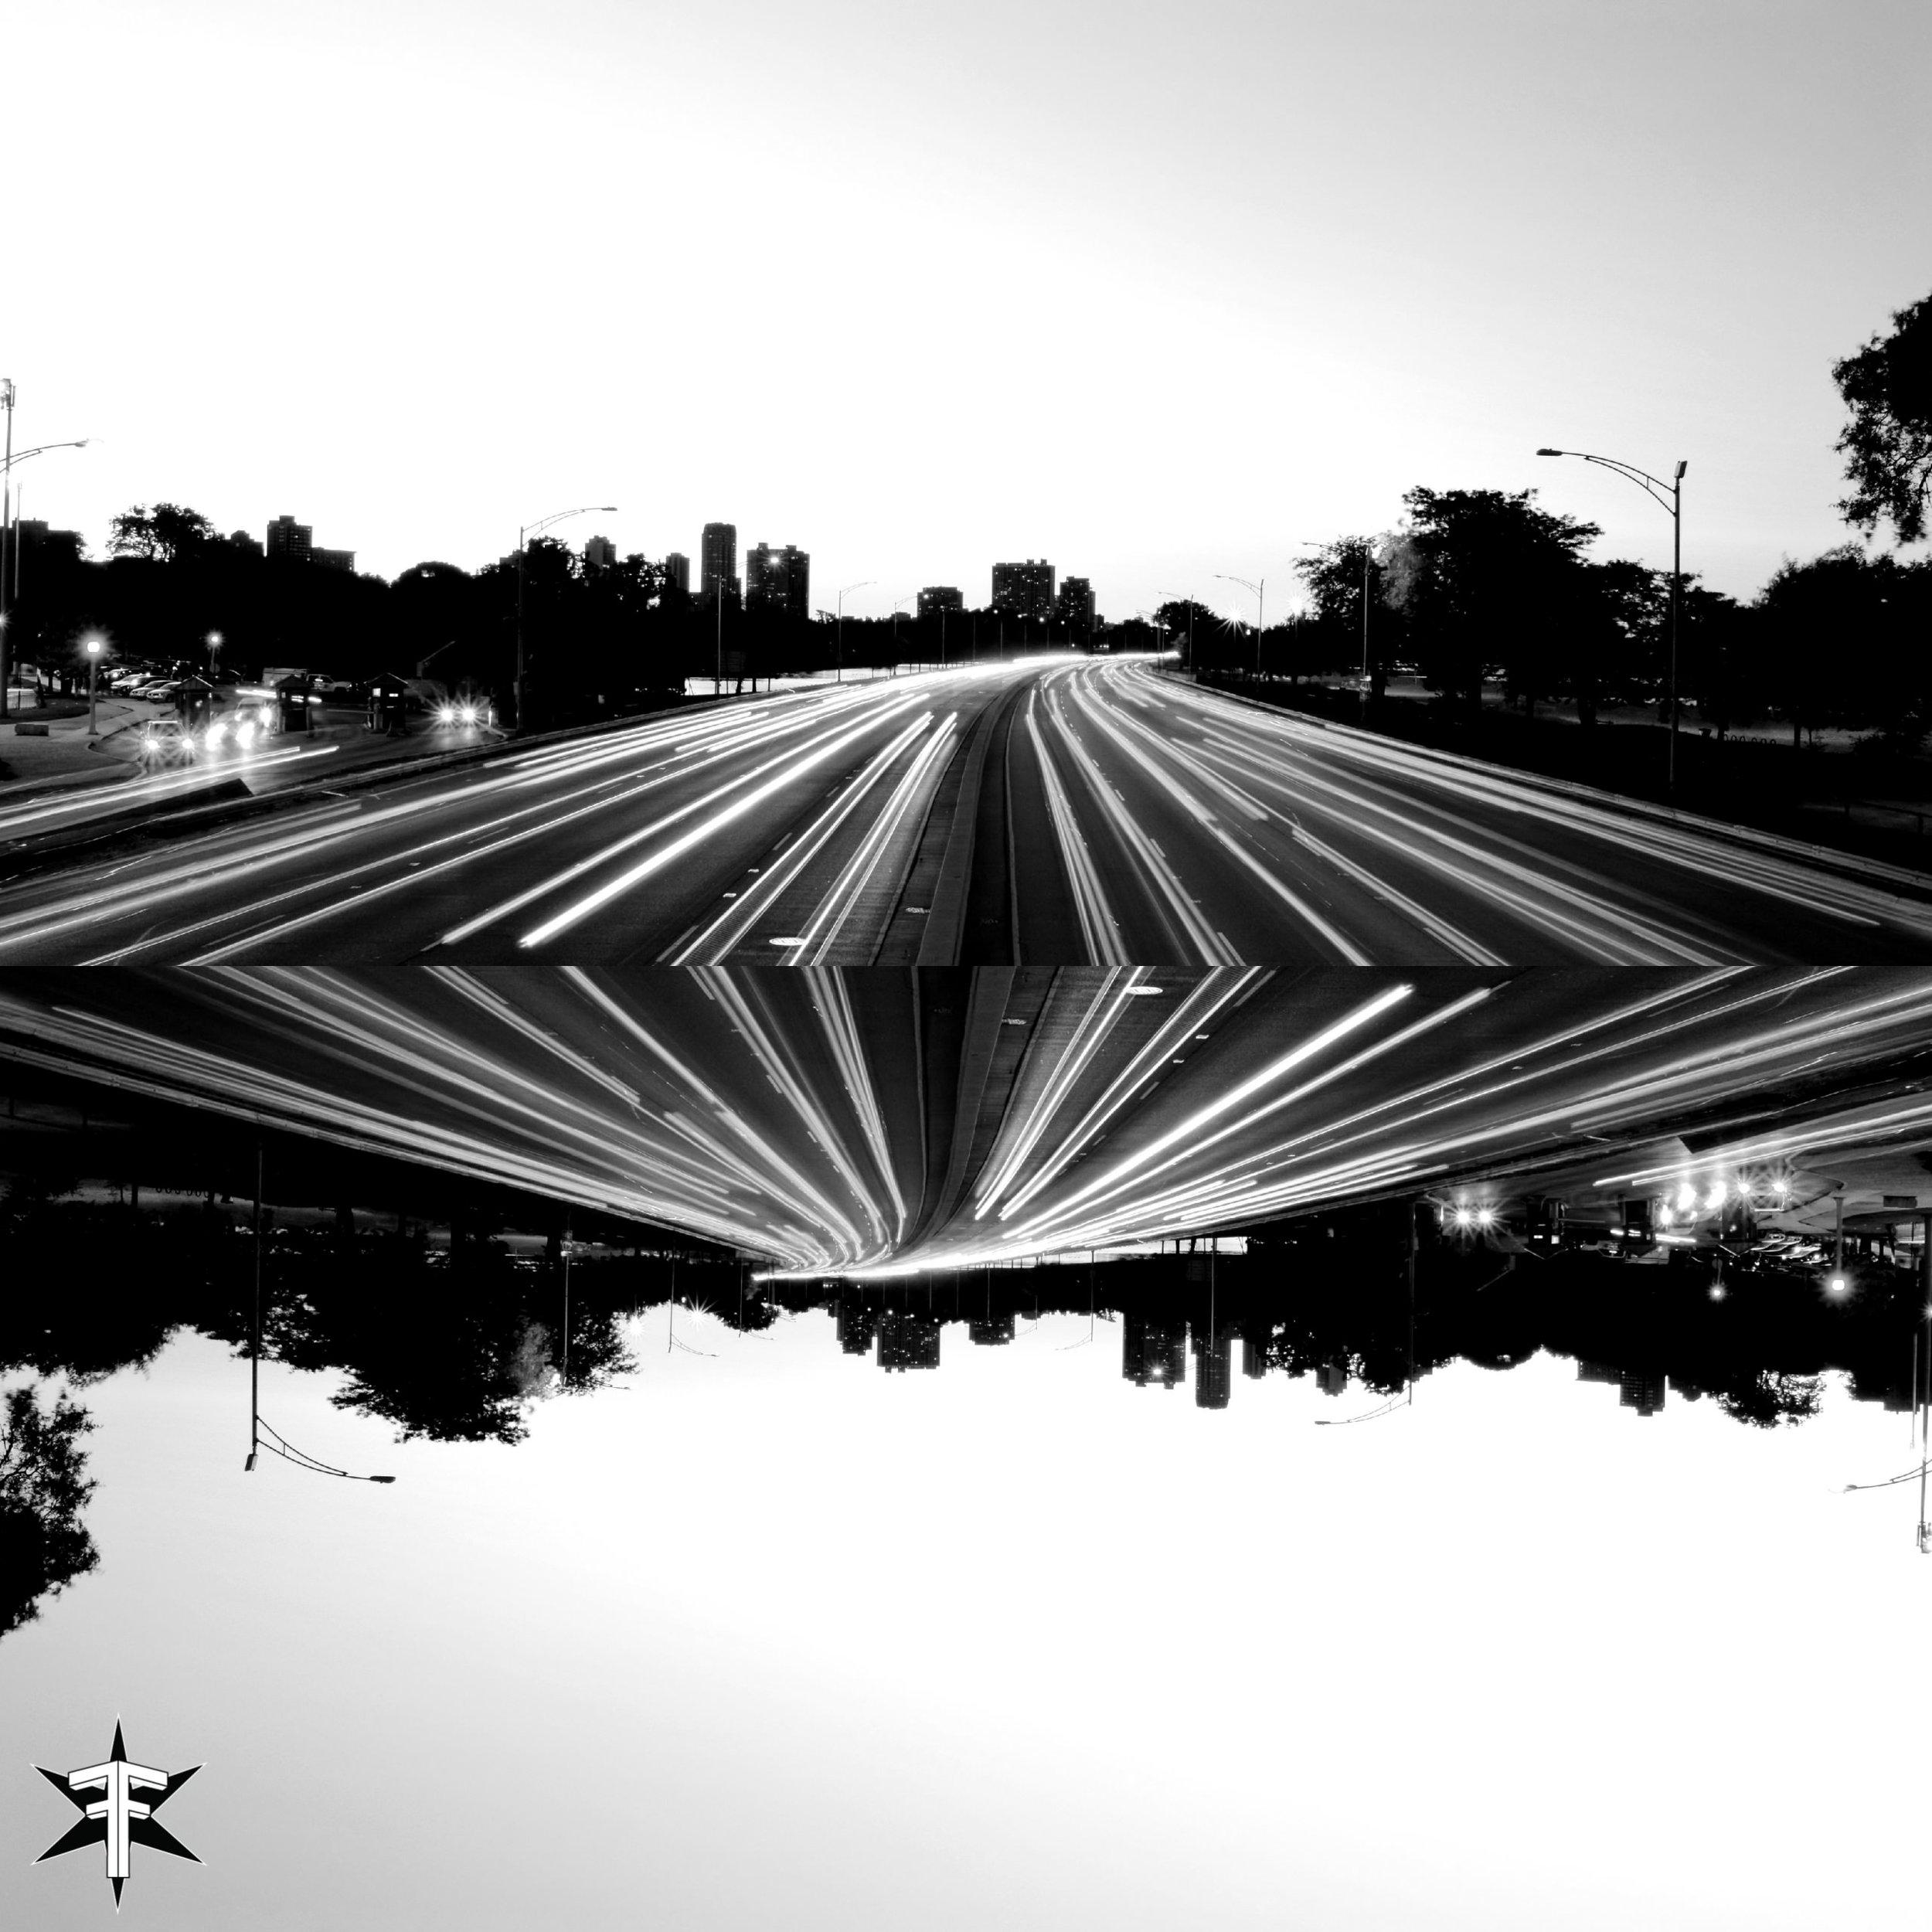 822_mirror.jpg